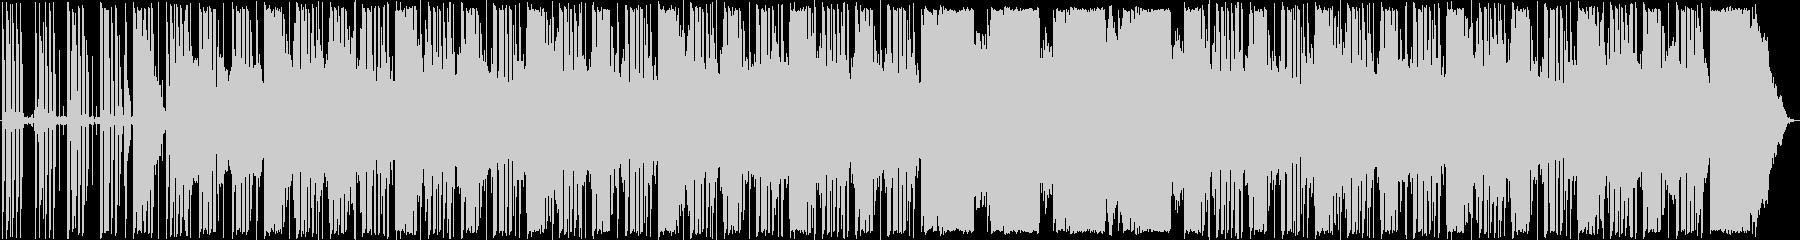 Acoustic guitar gentle mellow lofi hiphop's unreproduced waveform